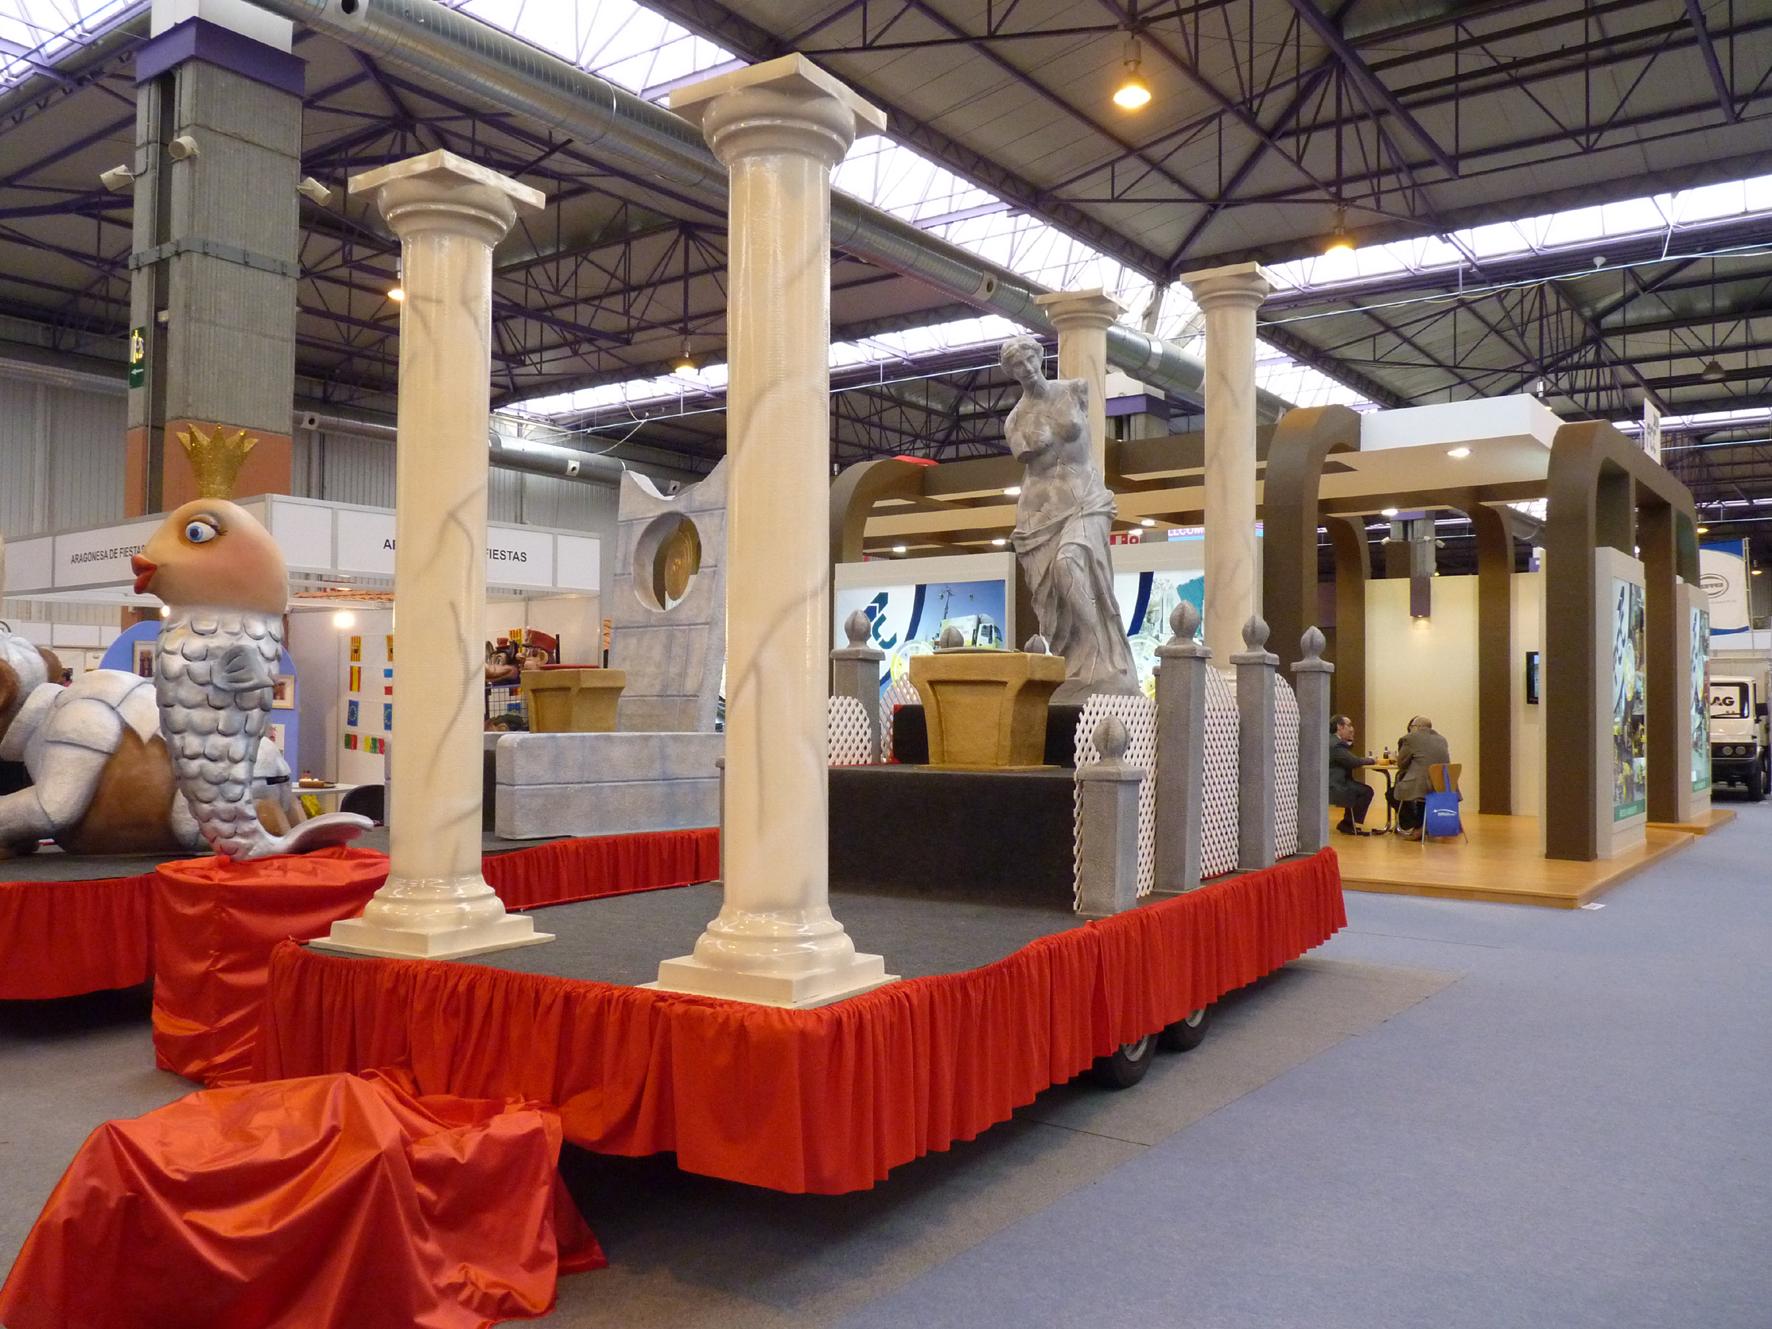 Alquiler de carrozas aragonesa de fiestas for Fiestas ideas originales